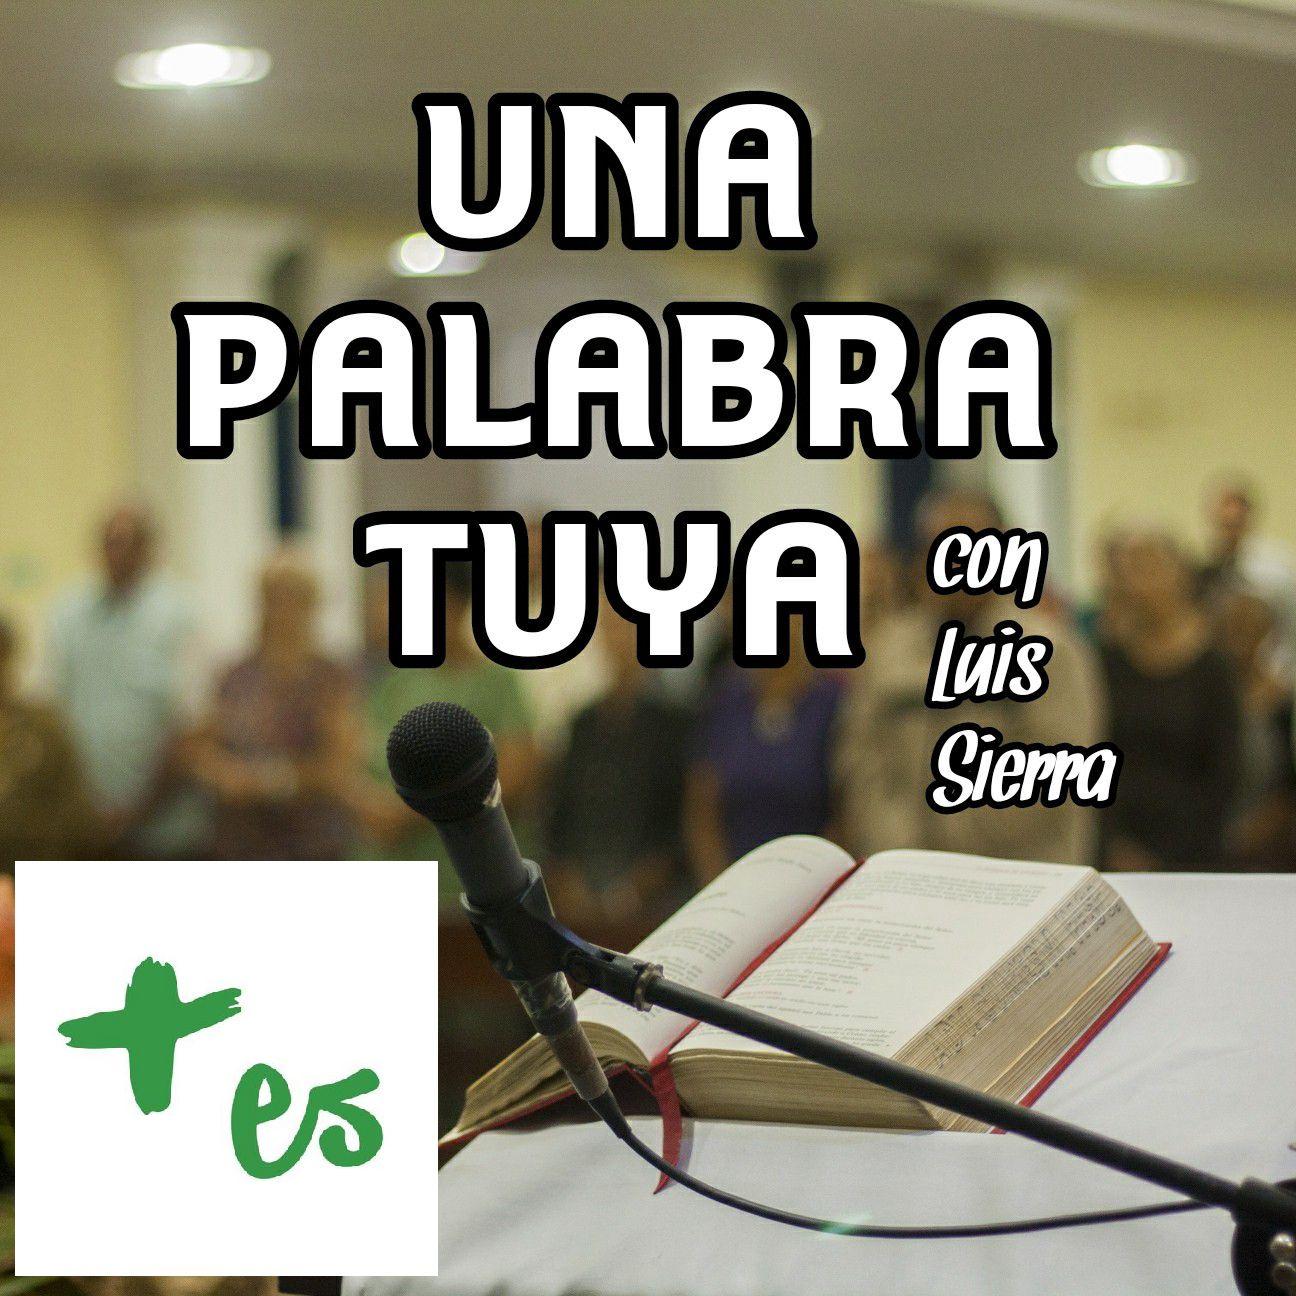 Una Palabra Tuya | 2 FEB 2019